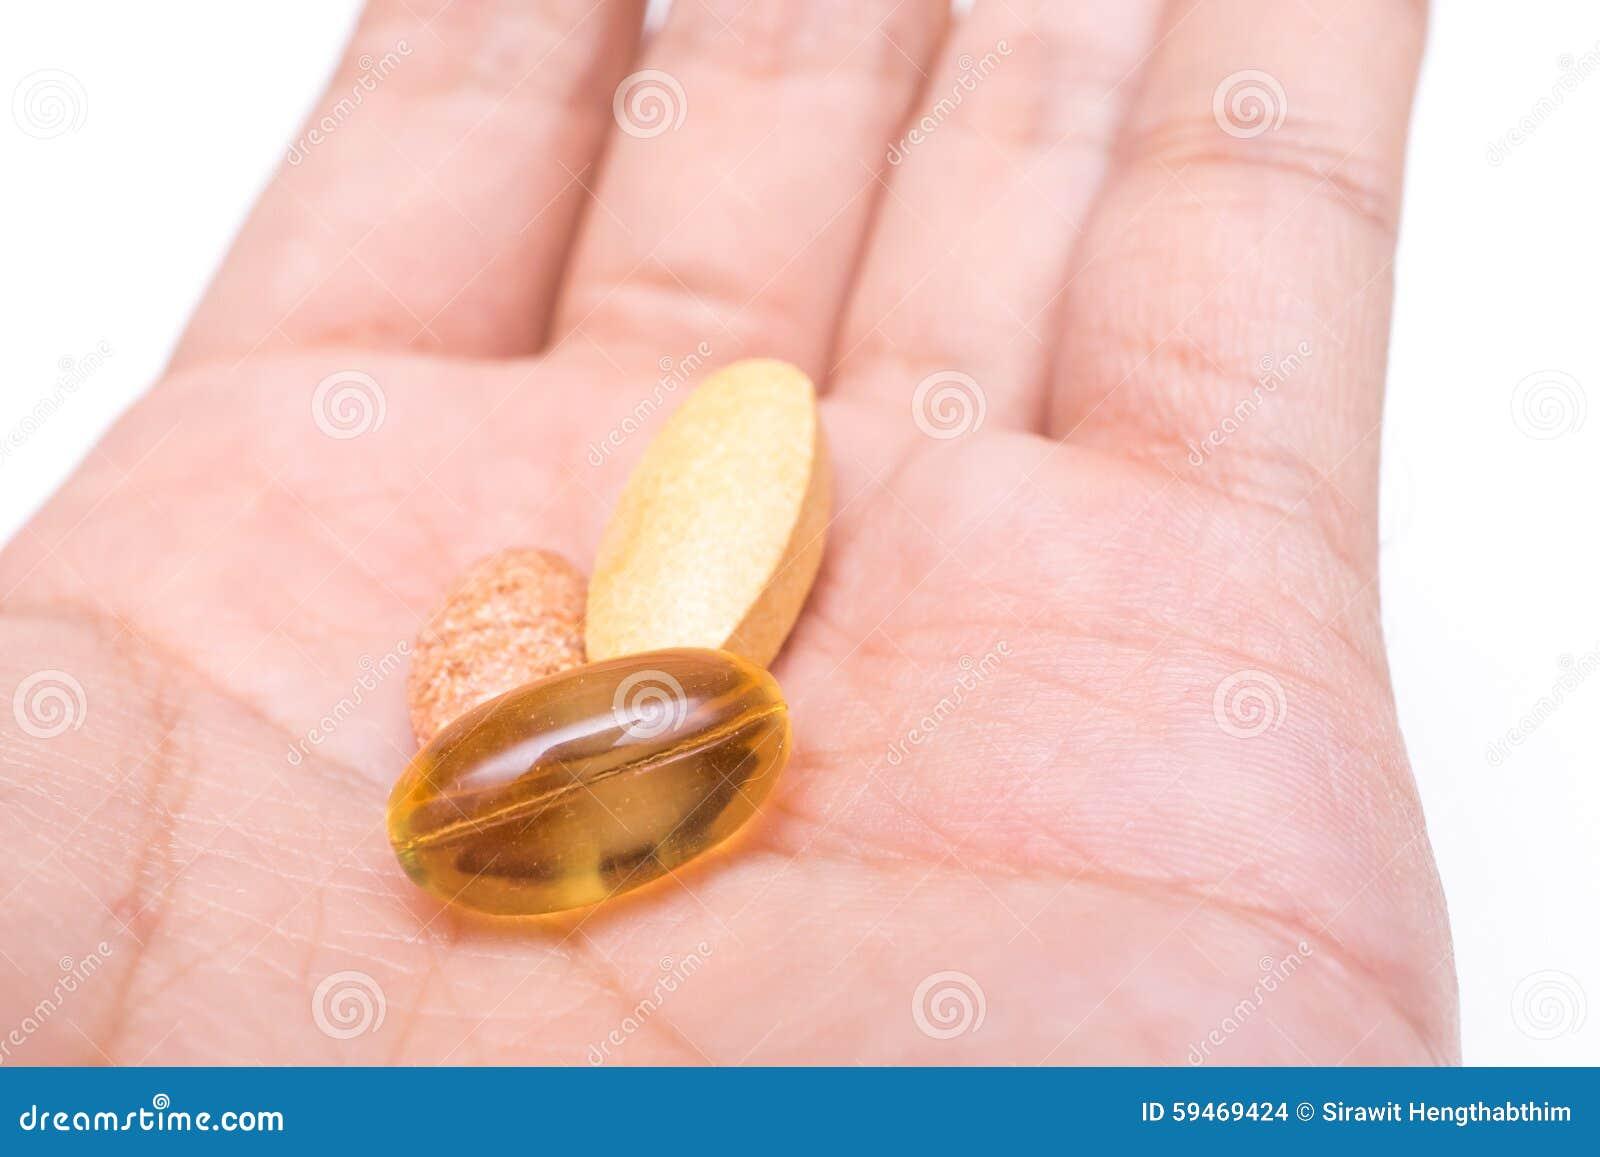 健康生活方式、医学、营养补充和人们